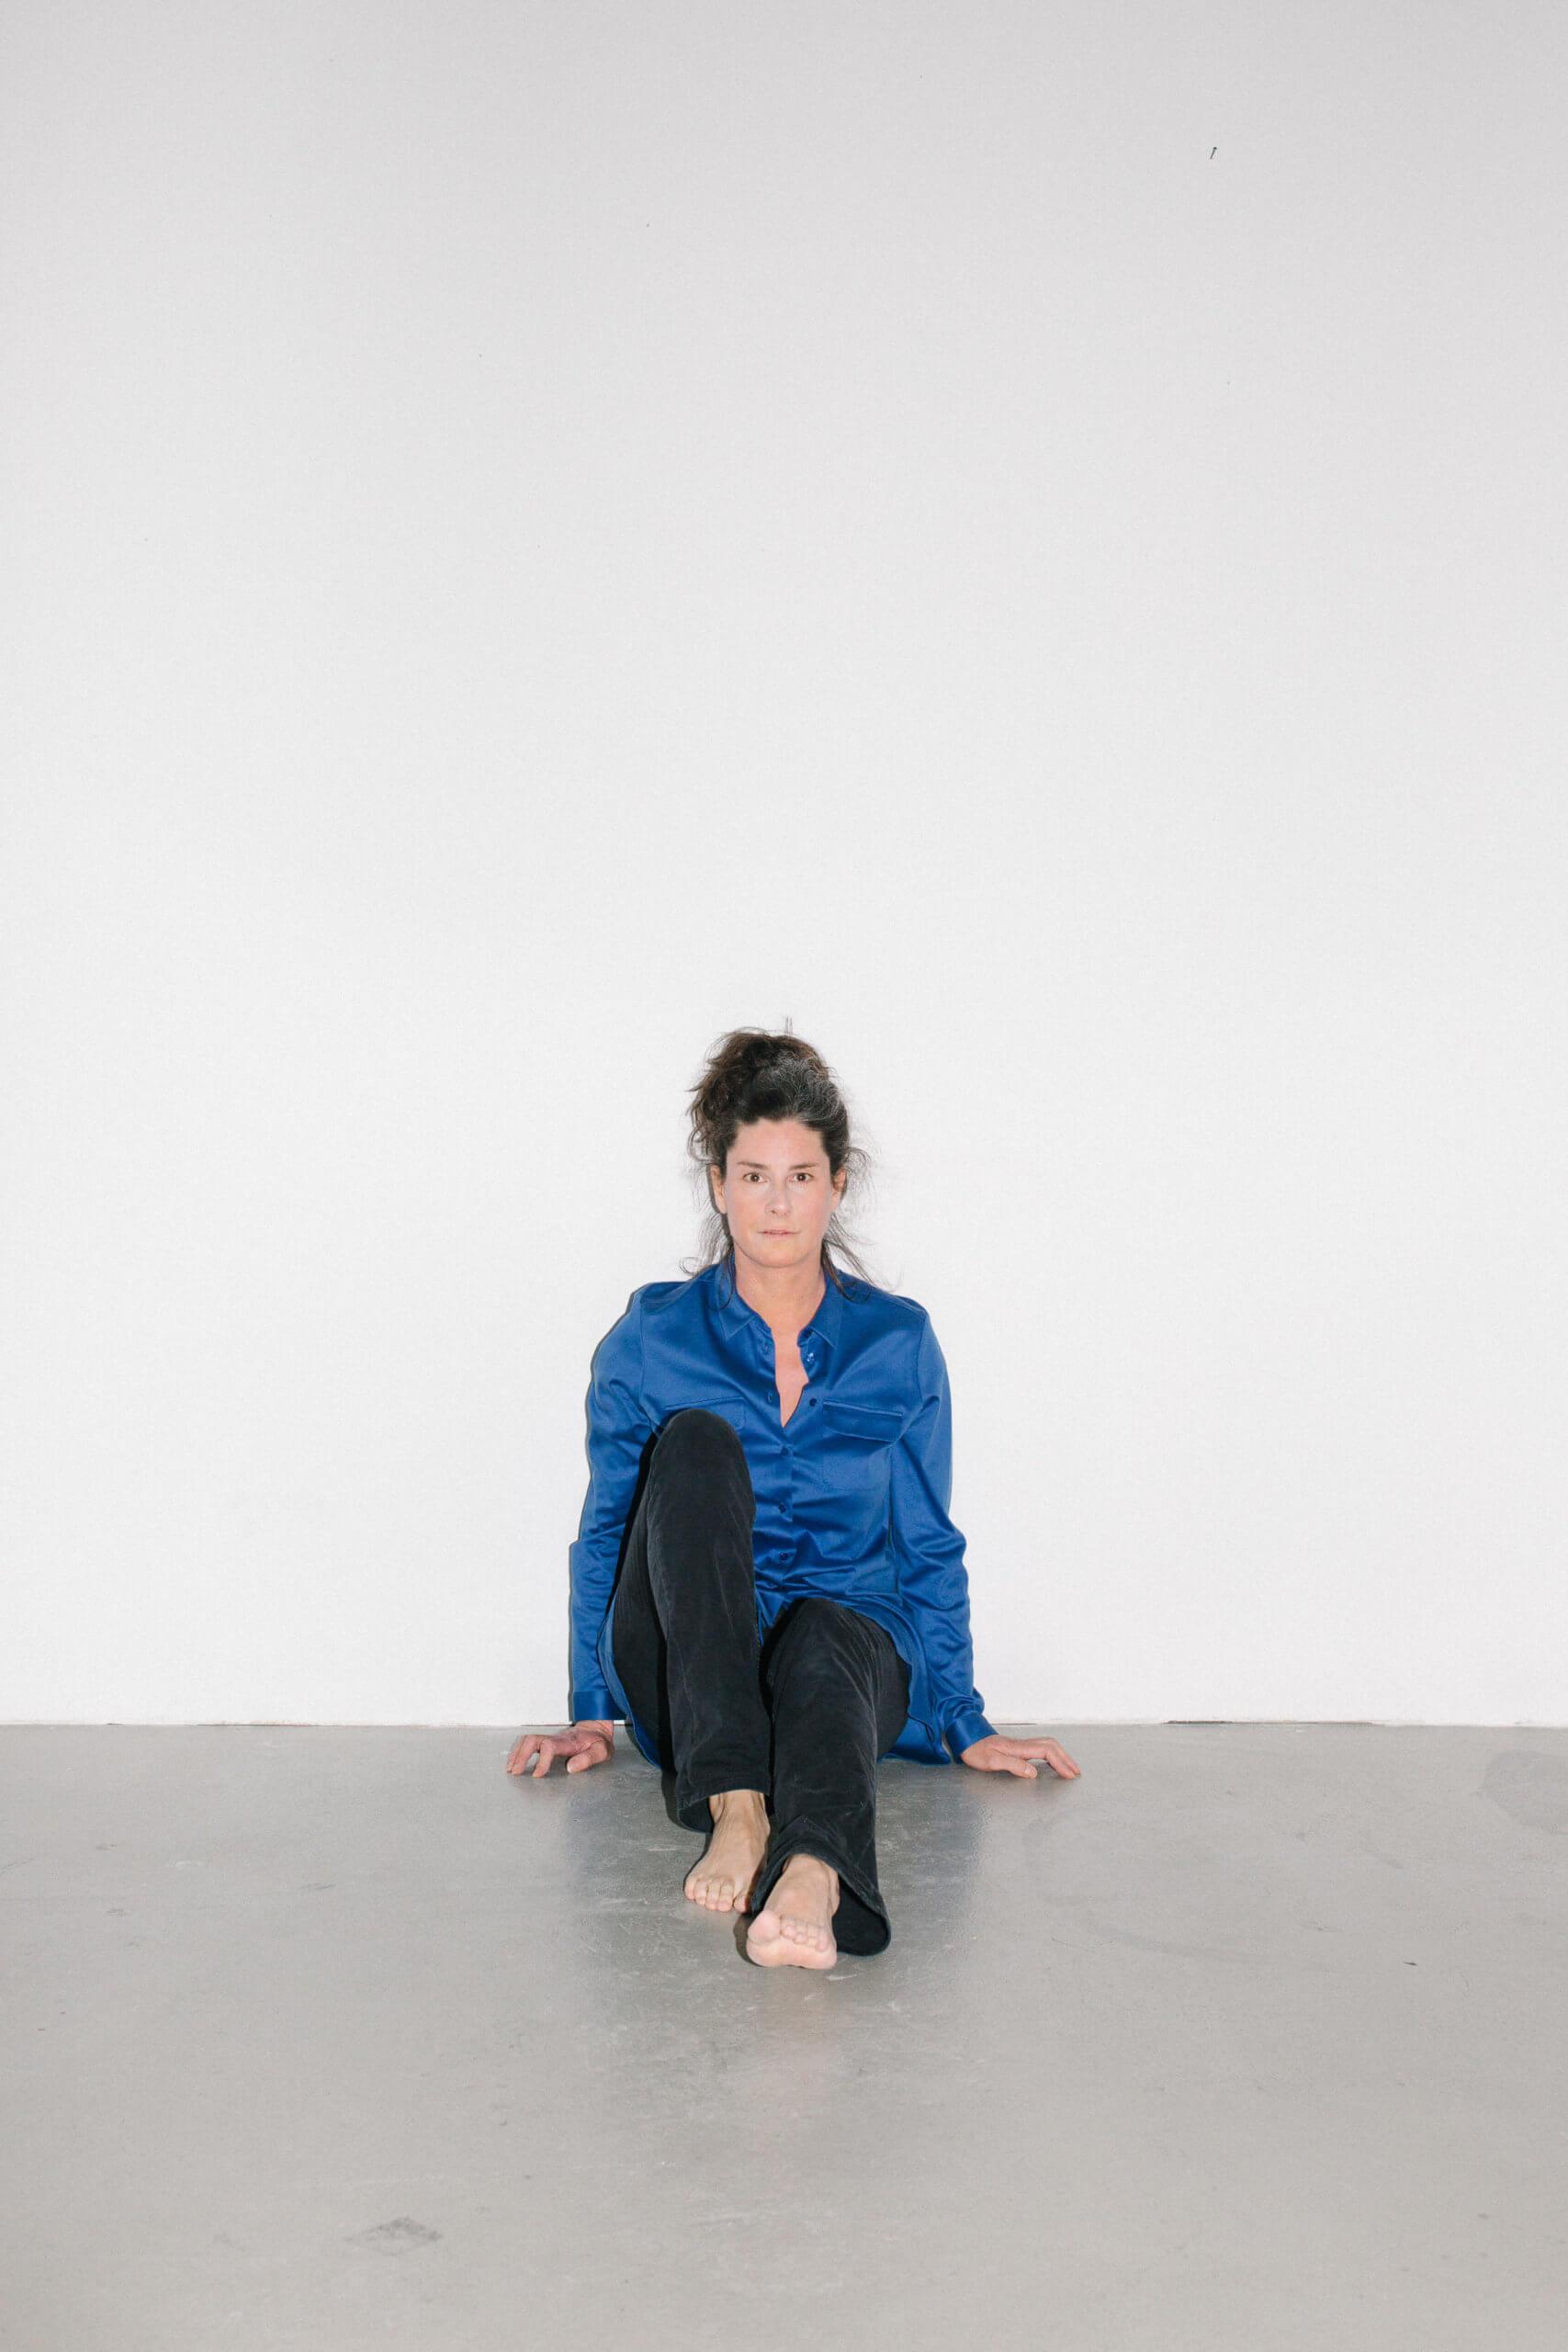 Stephanie movall sitzt auf dem Boden, an eine weiße Wand gelehnt. Sie schaut direkt in die Kamera.